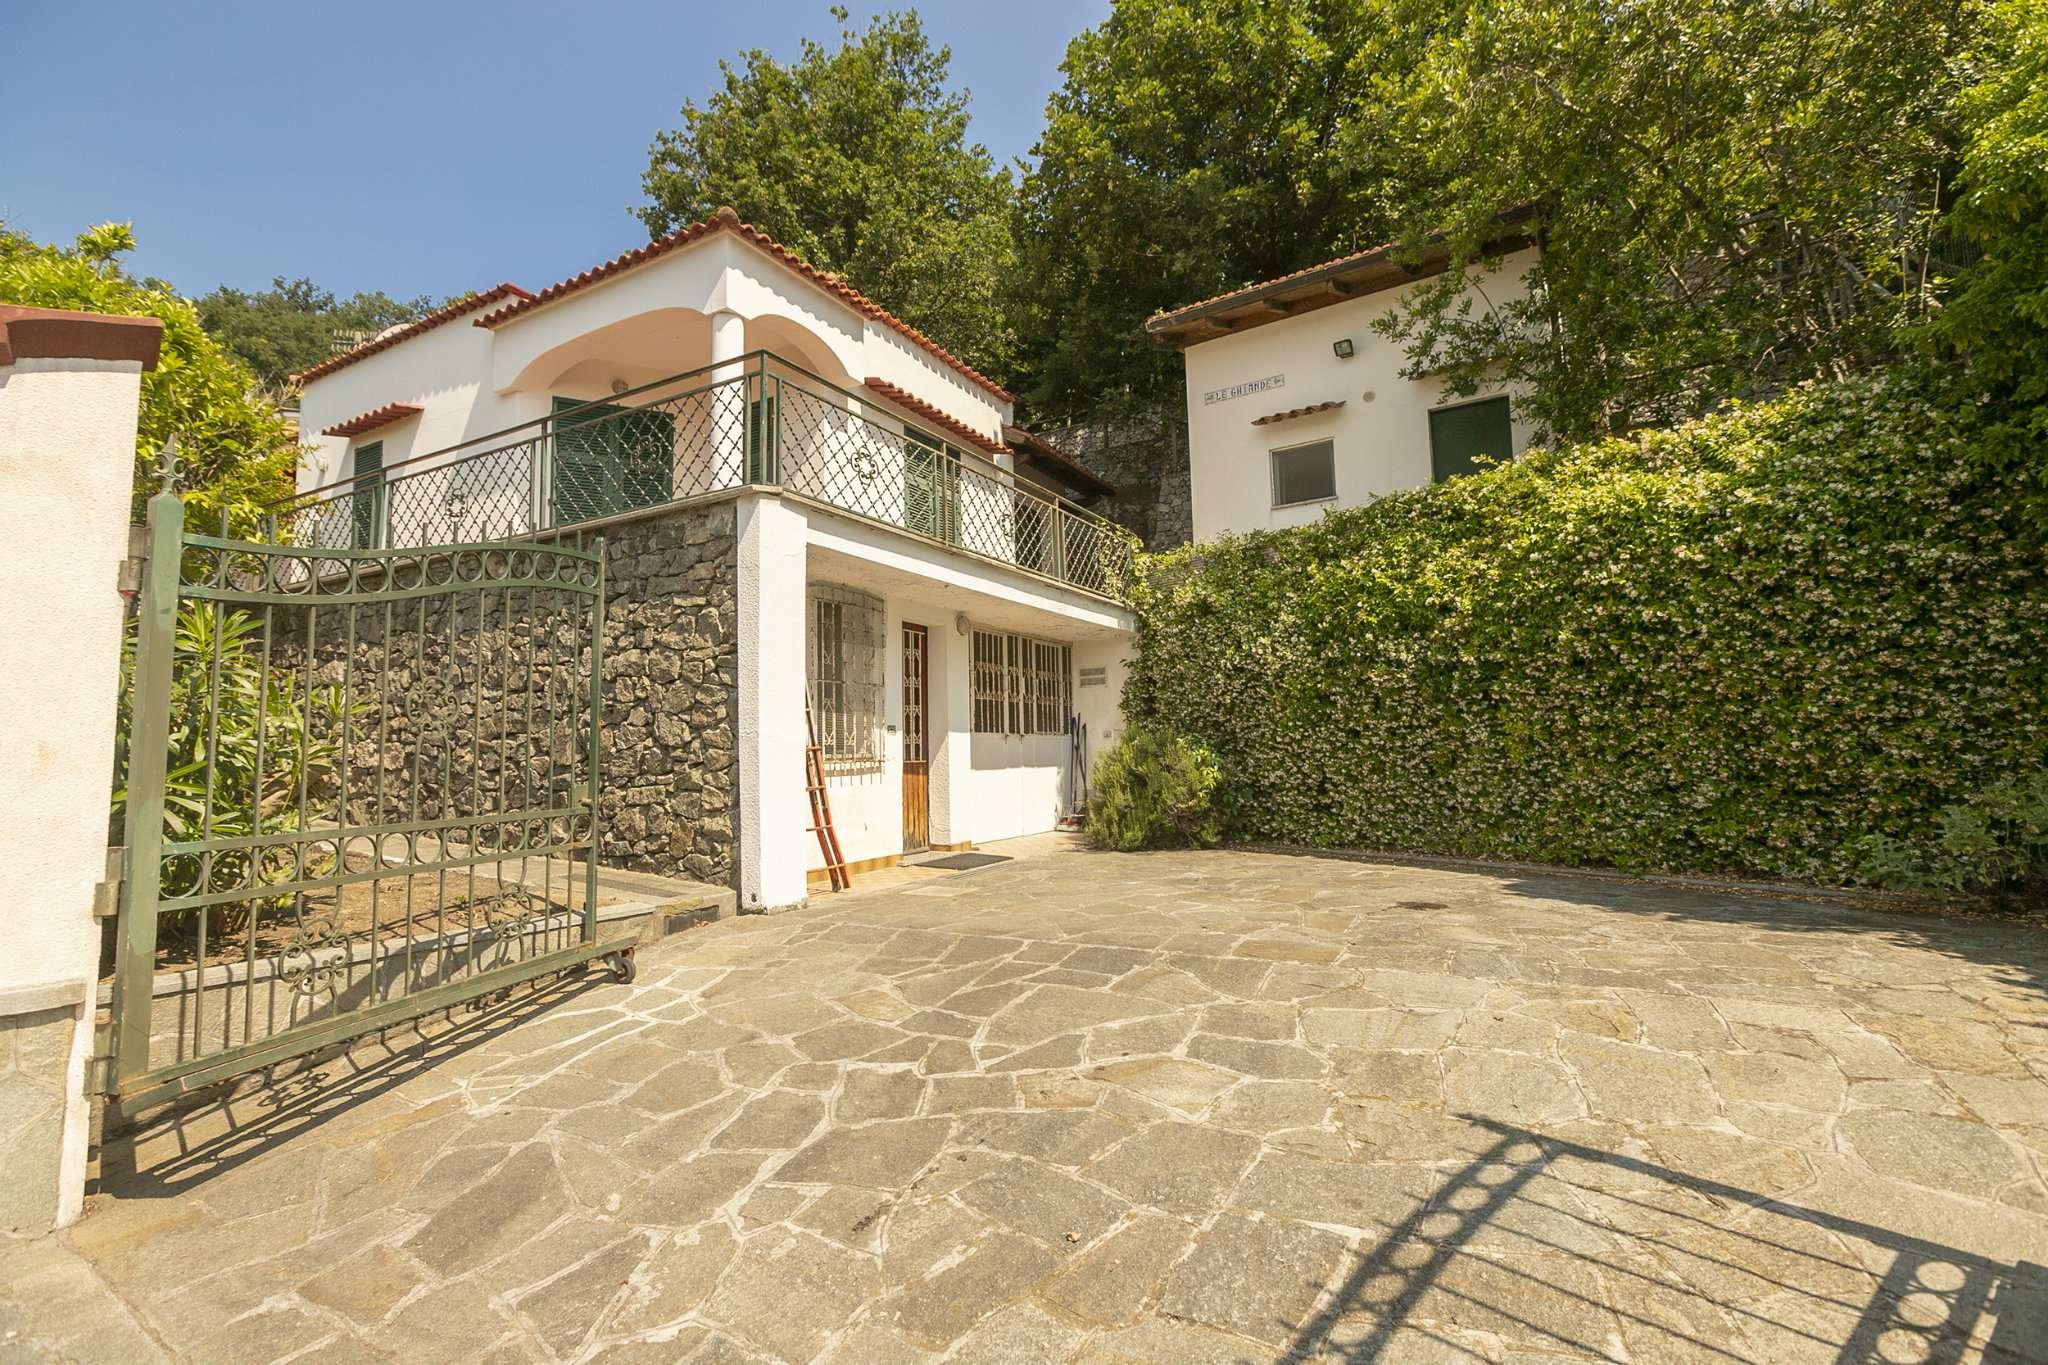 Villa in vendita a Noli, 12 locali, prezzo € 440.000 | CambioCasa.it